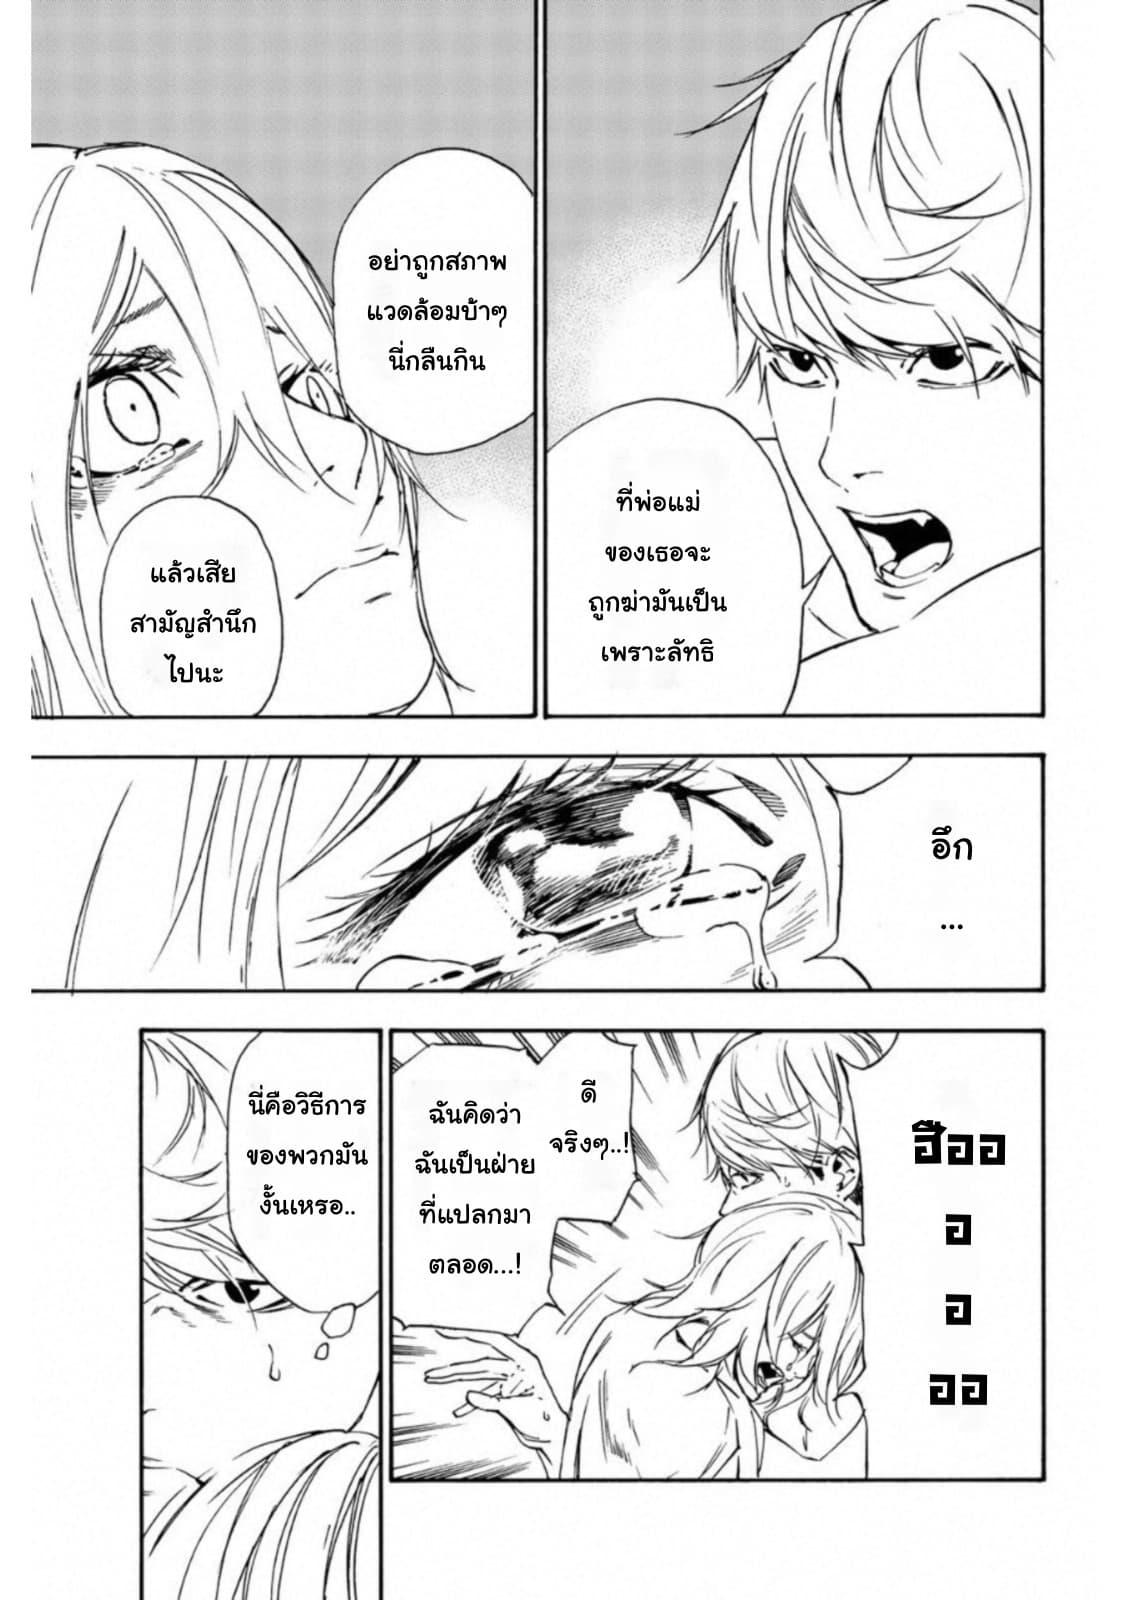 อ่านการ์ตูน Zetsubou no Rakuen ตอนที่ 11 หน้าที่ 10